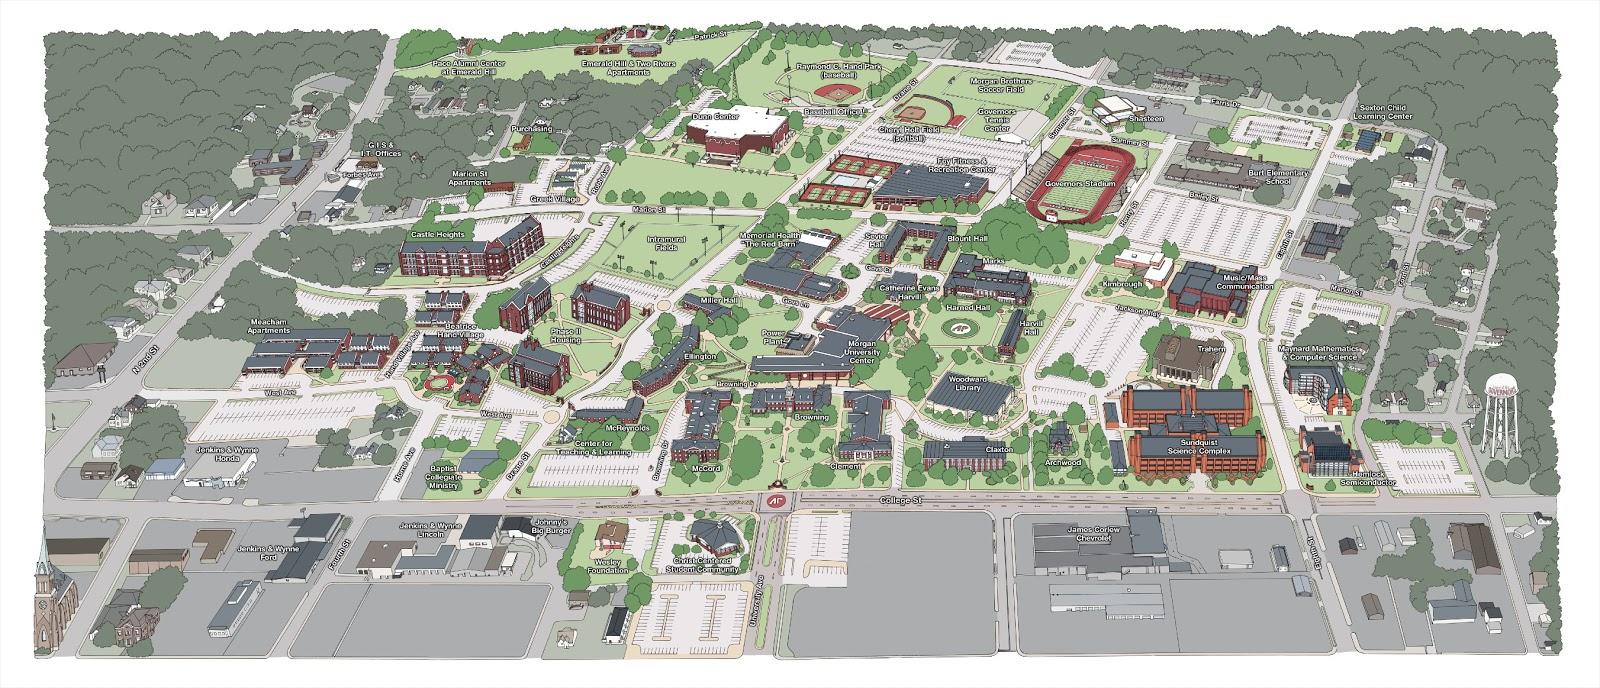 2012] APSU Campus Map | Holly Carden | Illustrator